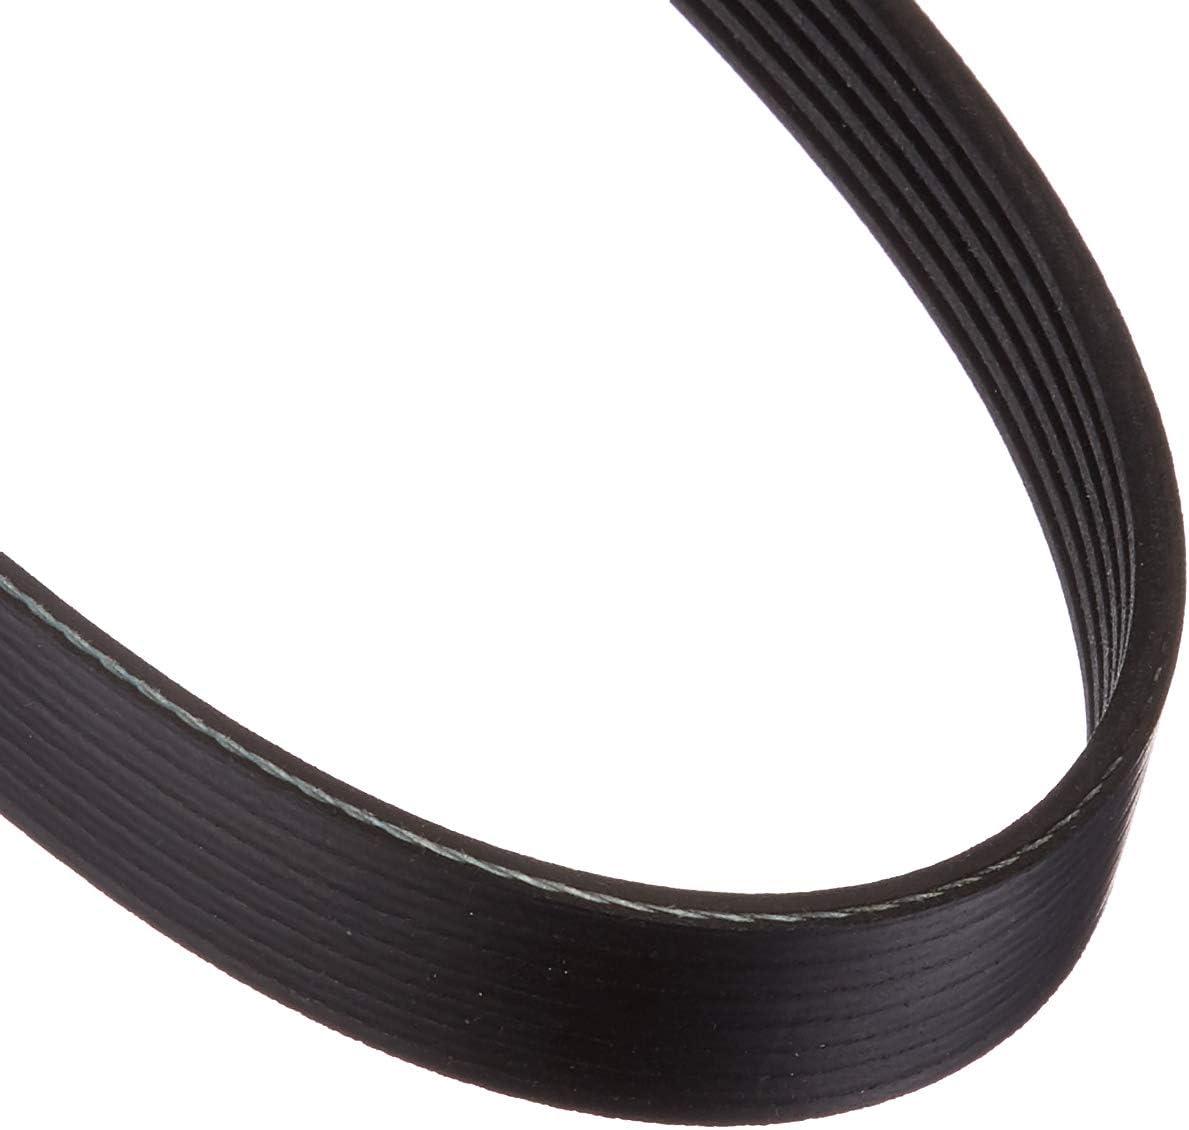 Dayco 5060705 Serpentine Belt